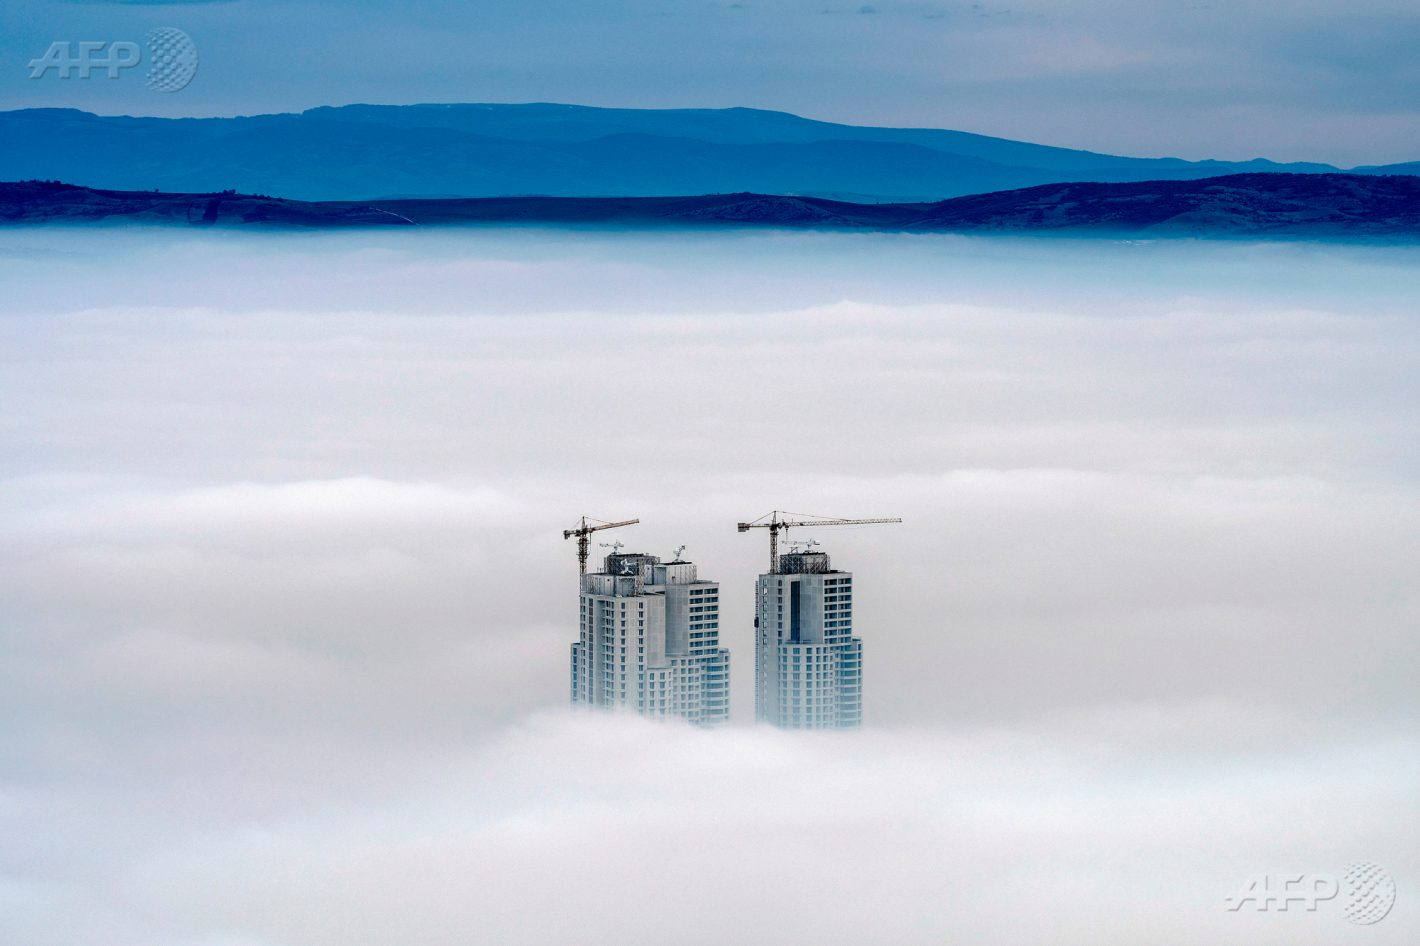 15 décembre 2017 - Skopje, Macédoine - Photo prise depuis le mont Vodno montrant le sommet d'immeubles émergeant des nuages, alors que la capitale macédonienne enregistre un fort taux de pollution. AFP PHOTO / Robert ATANASOVSKI